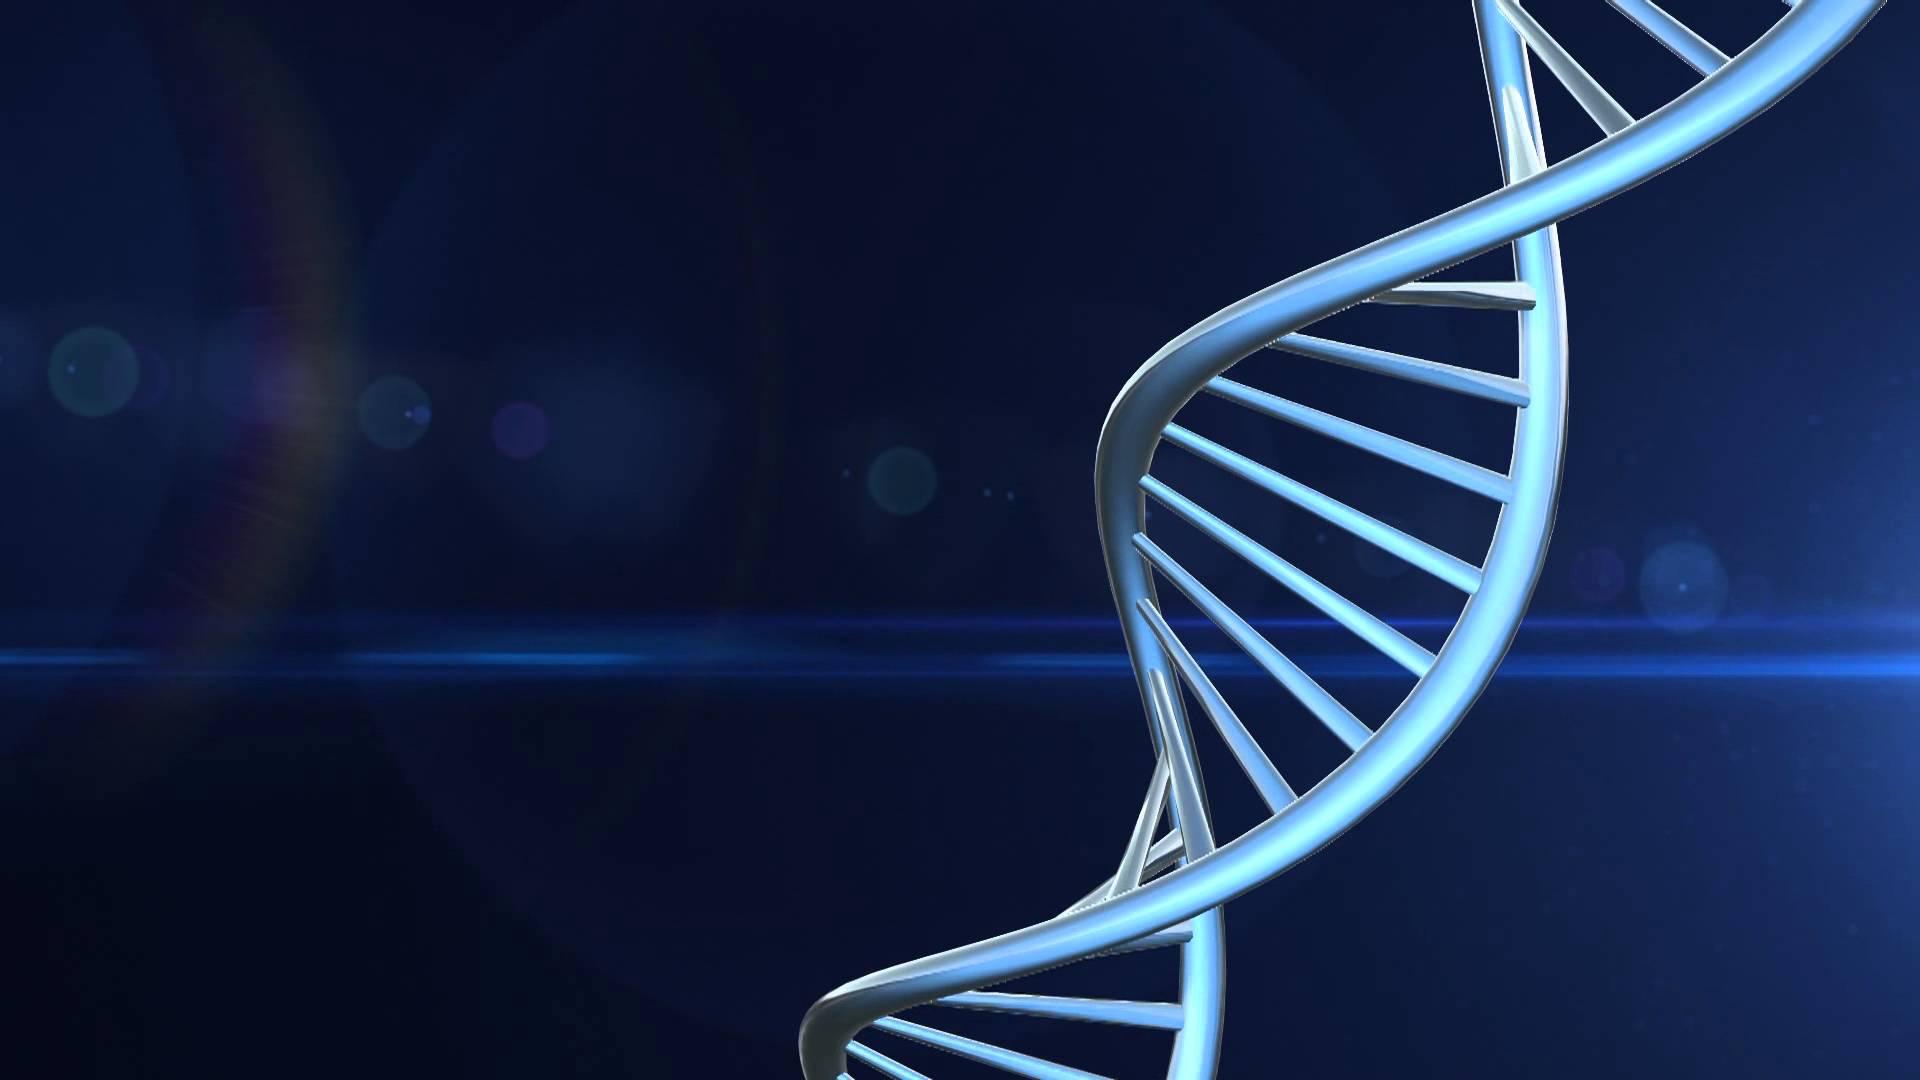 DNA background loop 1920x1080